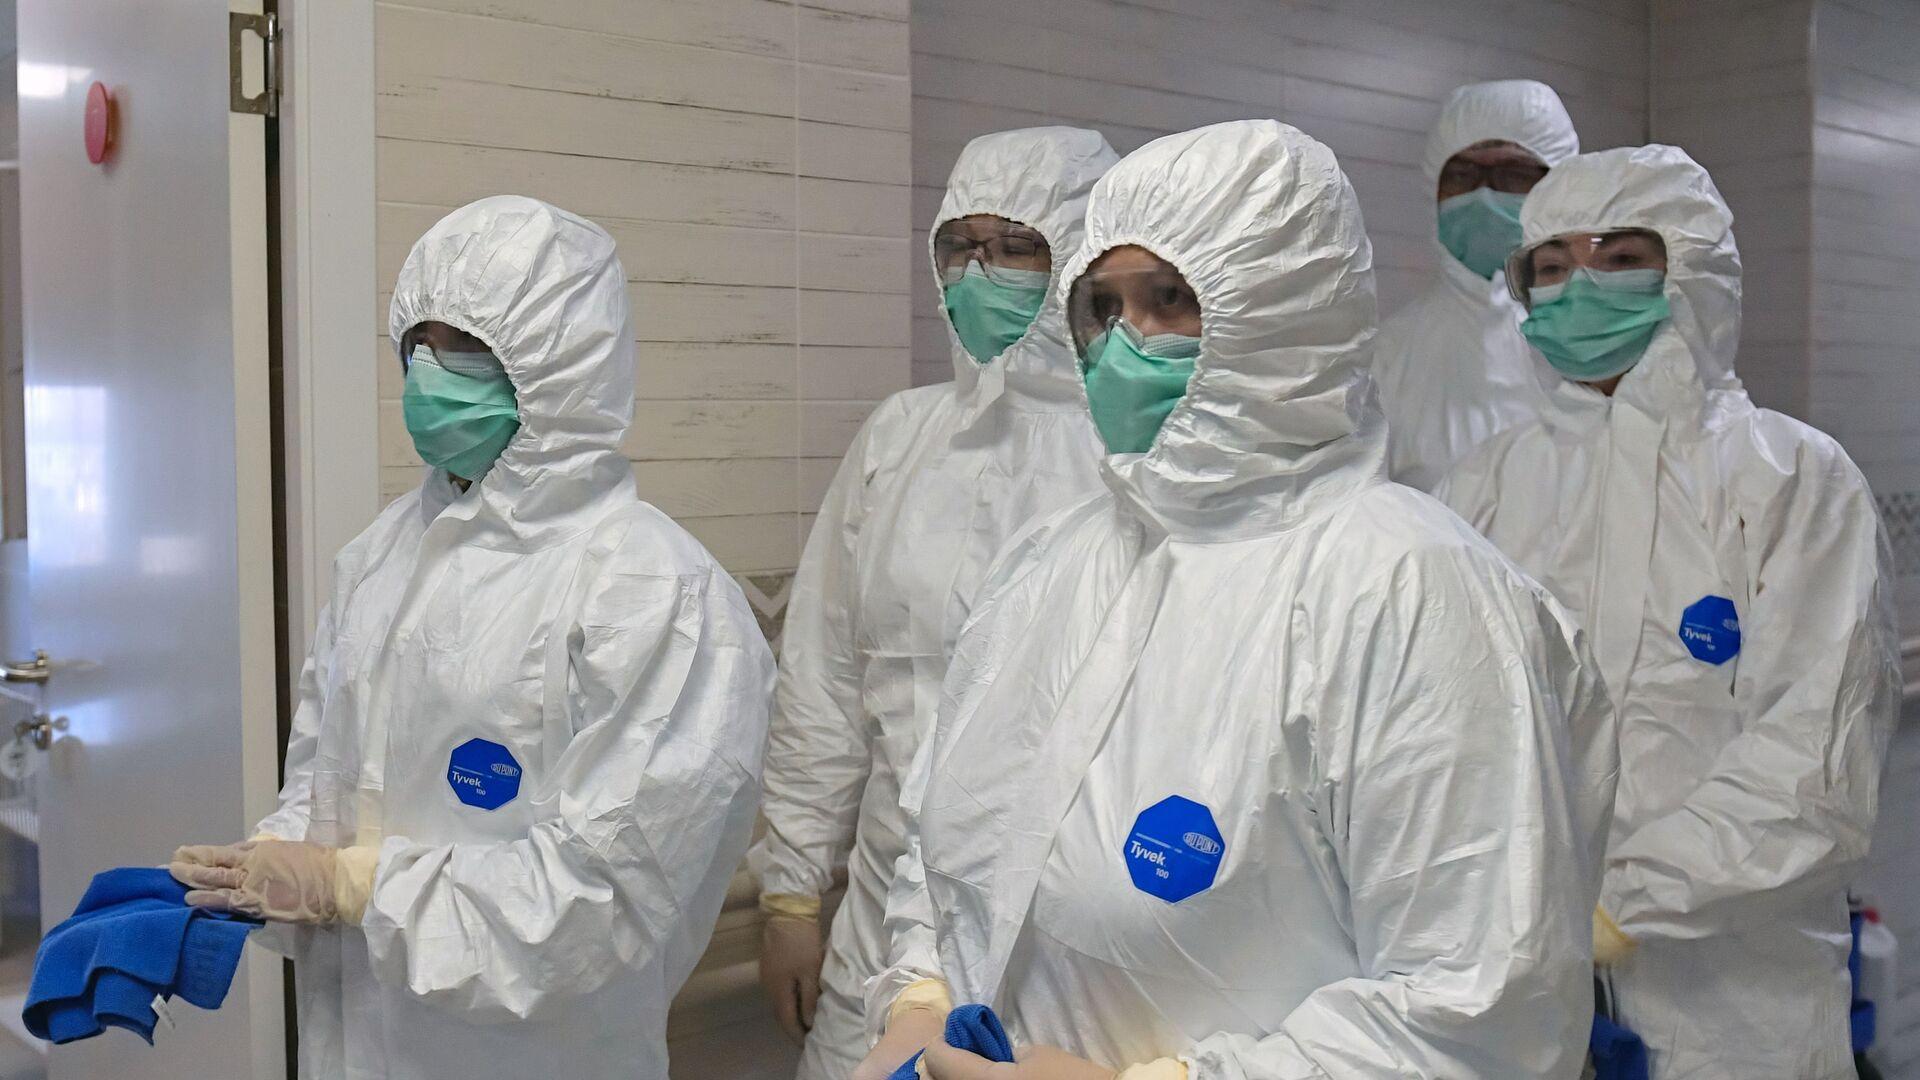 Médicos rusos en trajes de protección - Sputnik Mundo, 1920, 17.02.2021